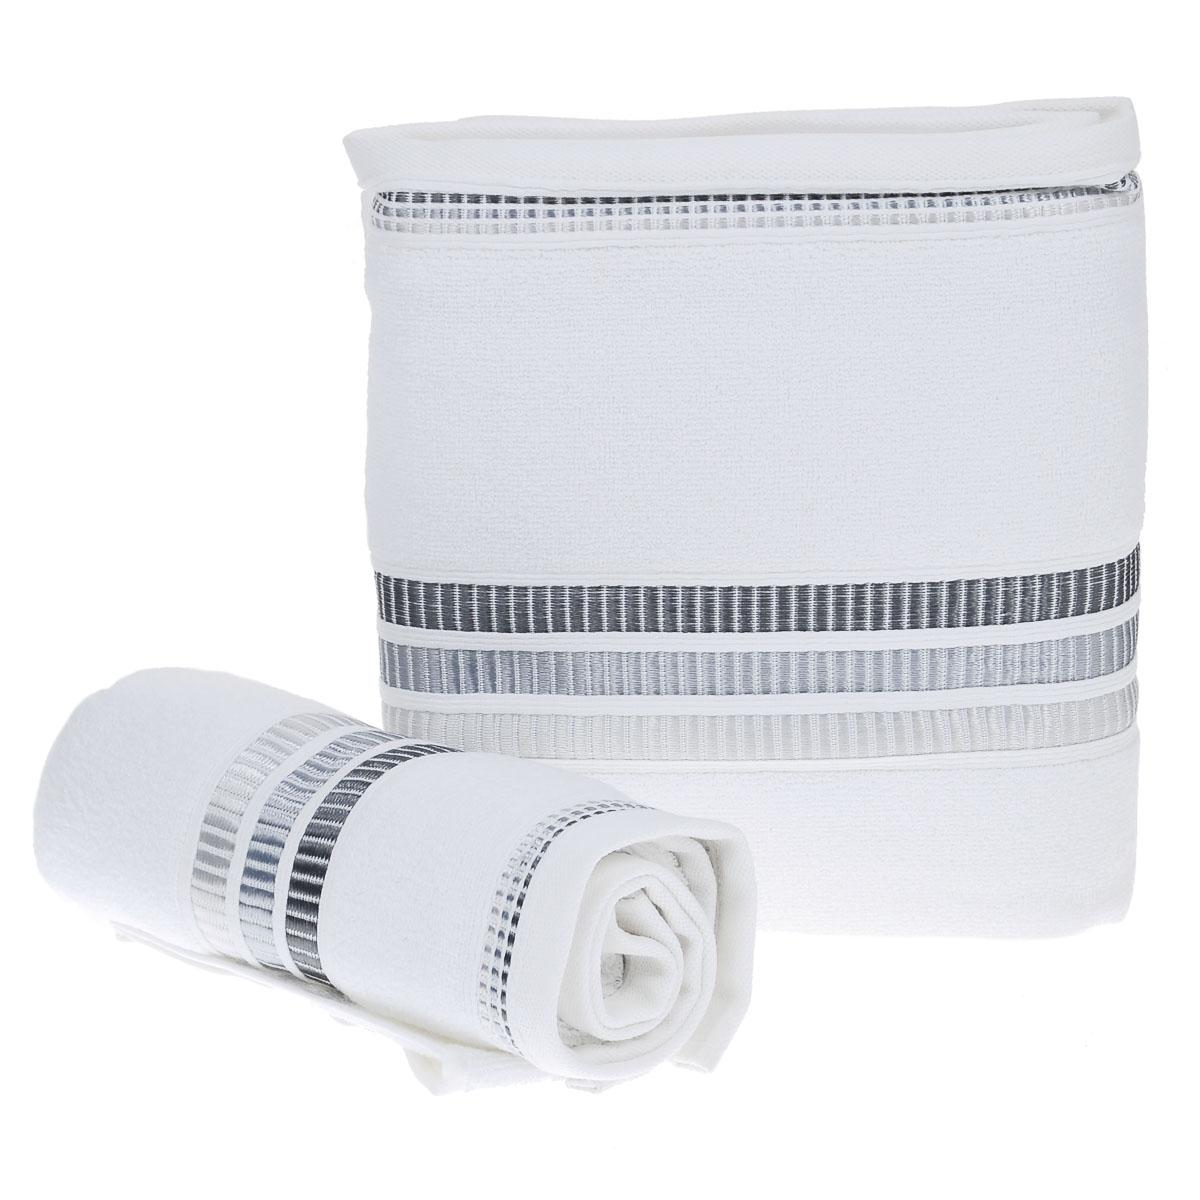 Набор махровых полотенец Coronet Пиано, цвет: белый, 2 шт. Б-МП-2020-15-01-рБ-МП-2020-15-01-рПодарочный набор Coronet Пиано состоит из двух полотенец разного размера, выполненных из натуральной махровой ткани. Полотенца украшены изящным декоративным тиснением. Мягкие и уютные, они прекрасно впитывают влагу и легко стираются. Такой набор подарит вам мягкость и необыкновенный комфорт в использовании. Благодаря высокому качеству изготовления, полотенце будет радовать многие годы. Полотенца упакованы в подарочную коробку и станут приятным и полезным подарком вашим друзьям и близким.